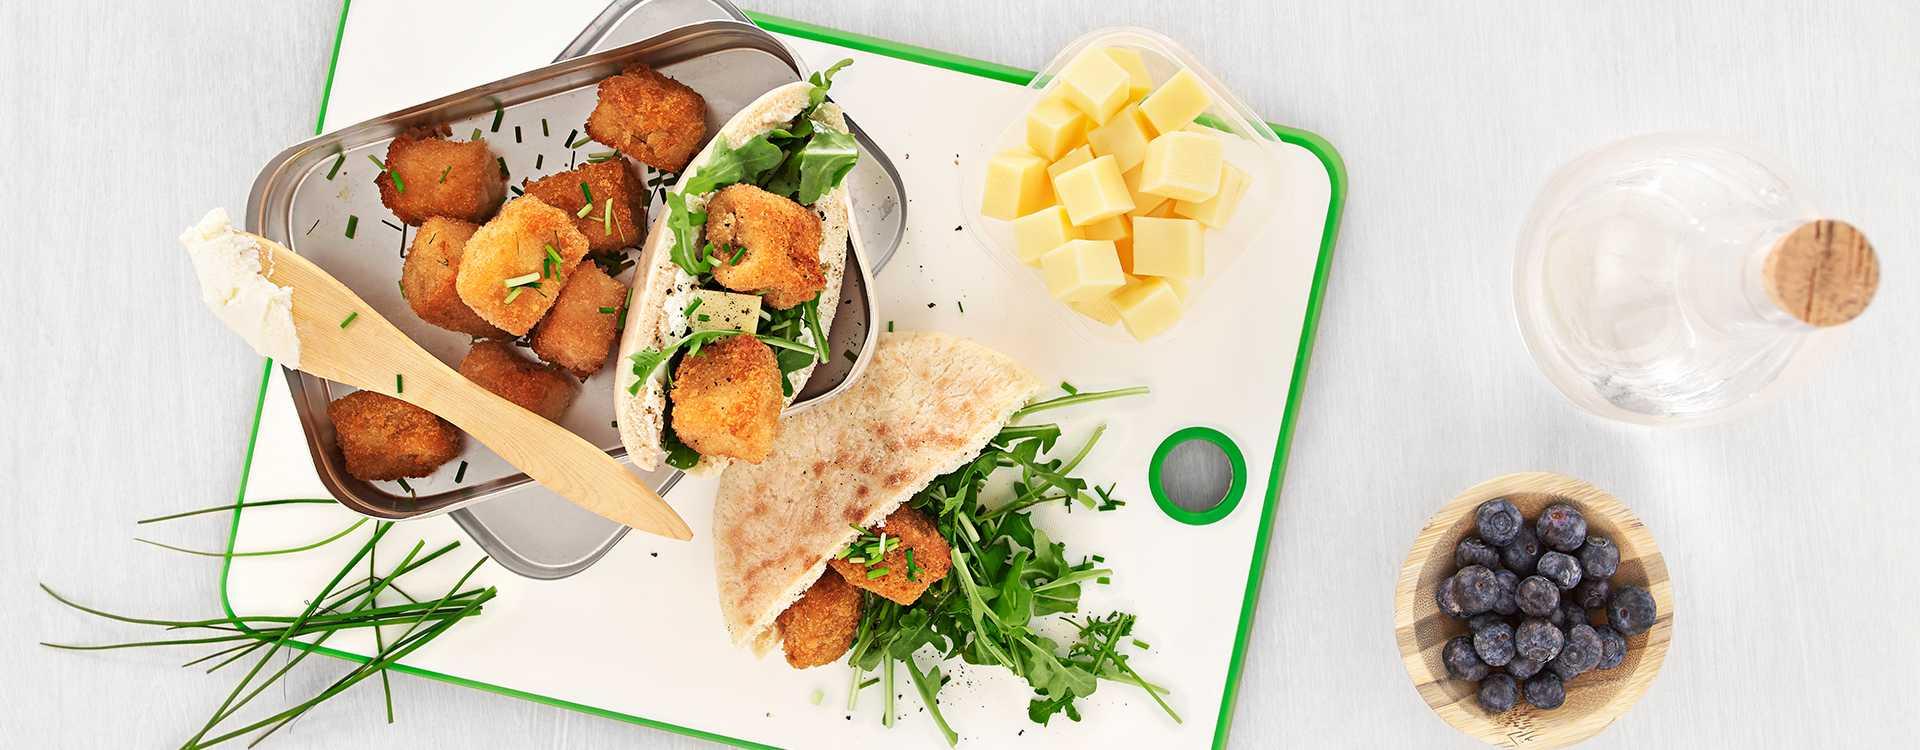 Pitabrød/wrap med salat, snøfrisk og torskenuggets